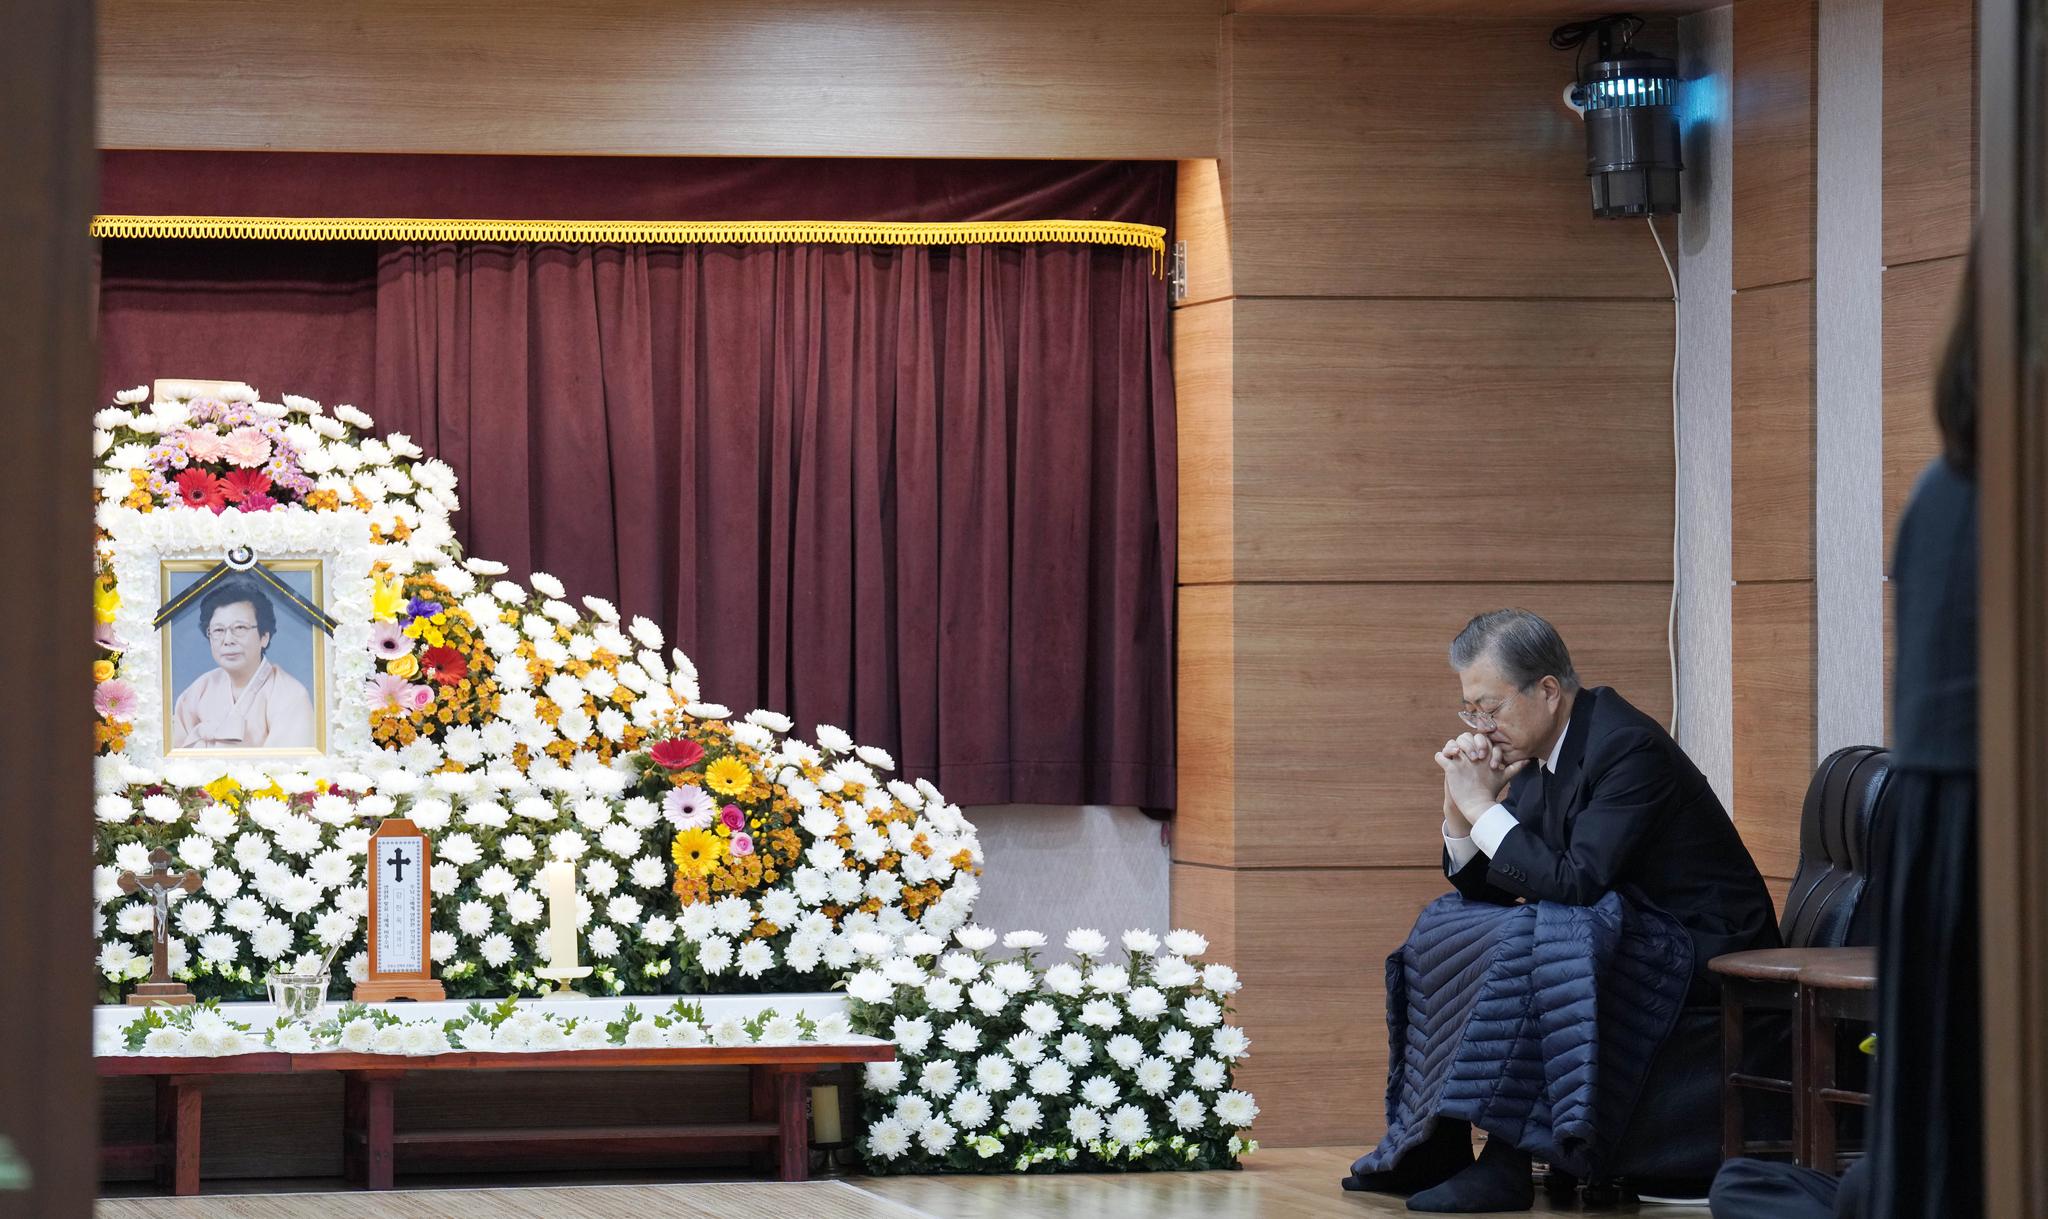 문재인 대통령이 30일 오전 부산 남천성당에 마련된 모친 고 강한옥 여사의 빈소에서 생각에 잠겨 있다. [사진 청와대]